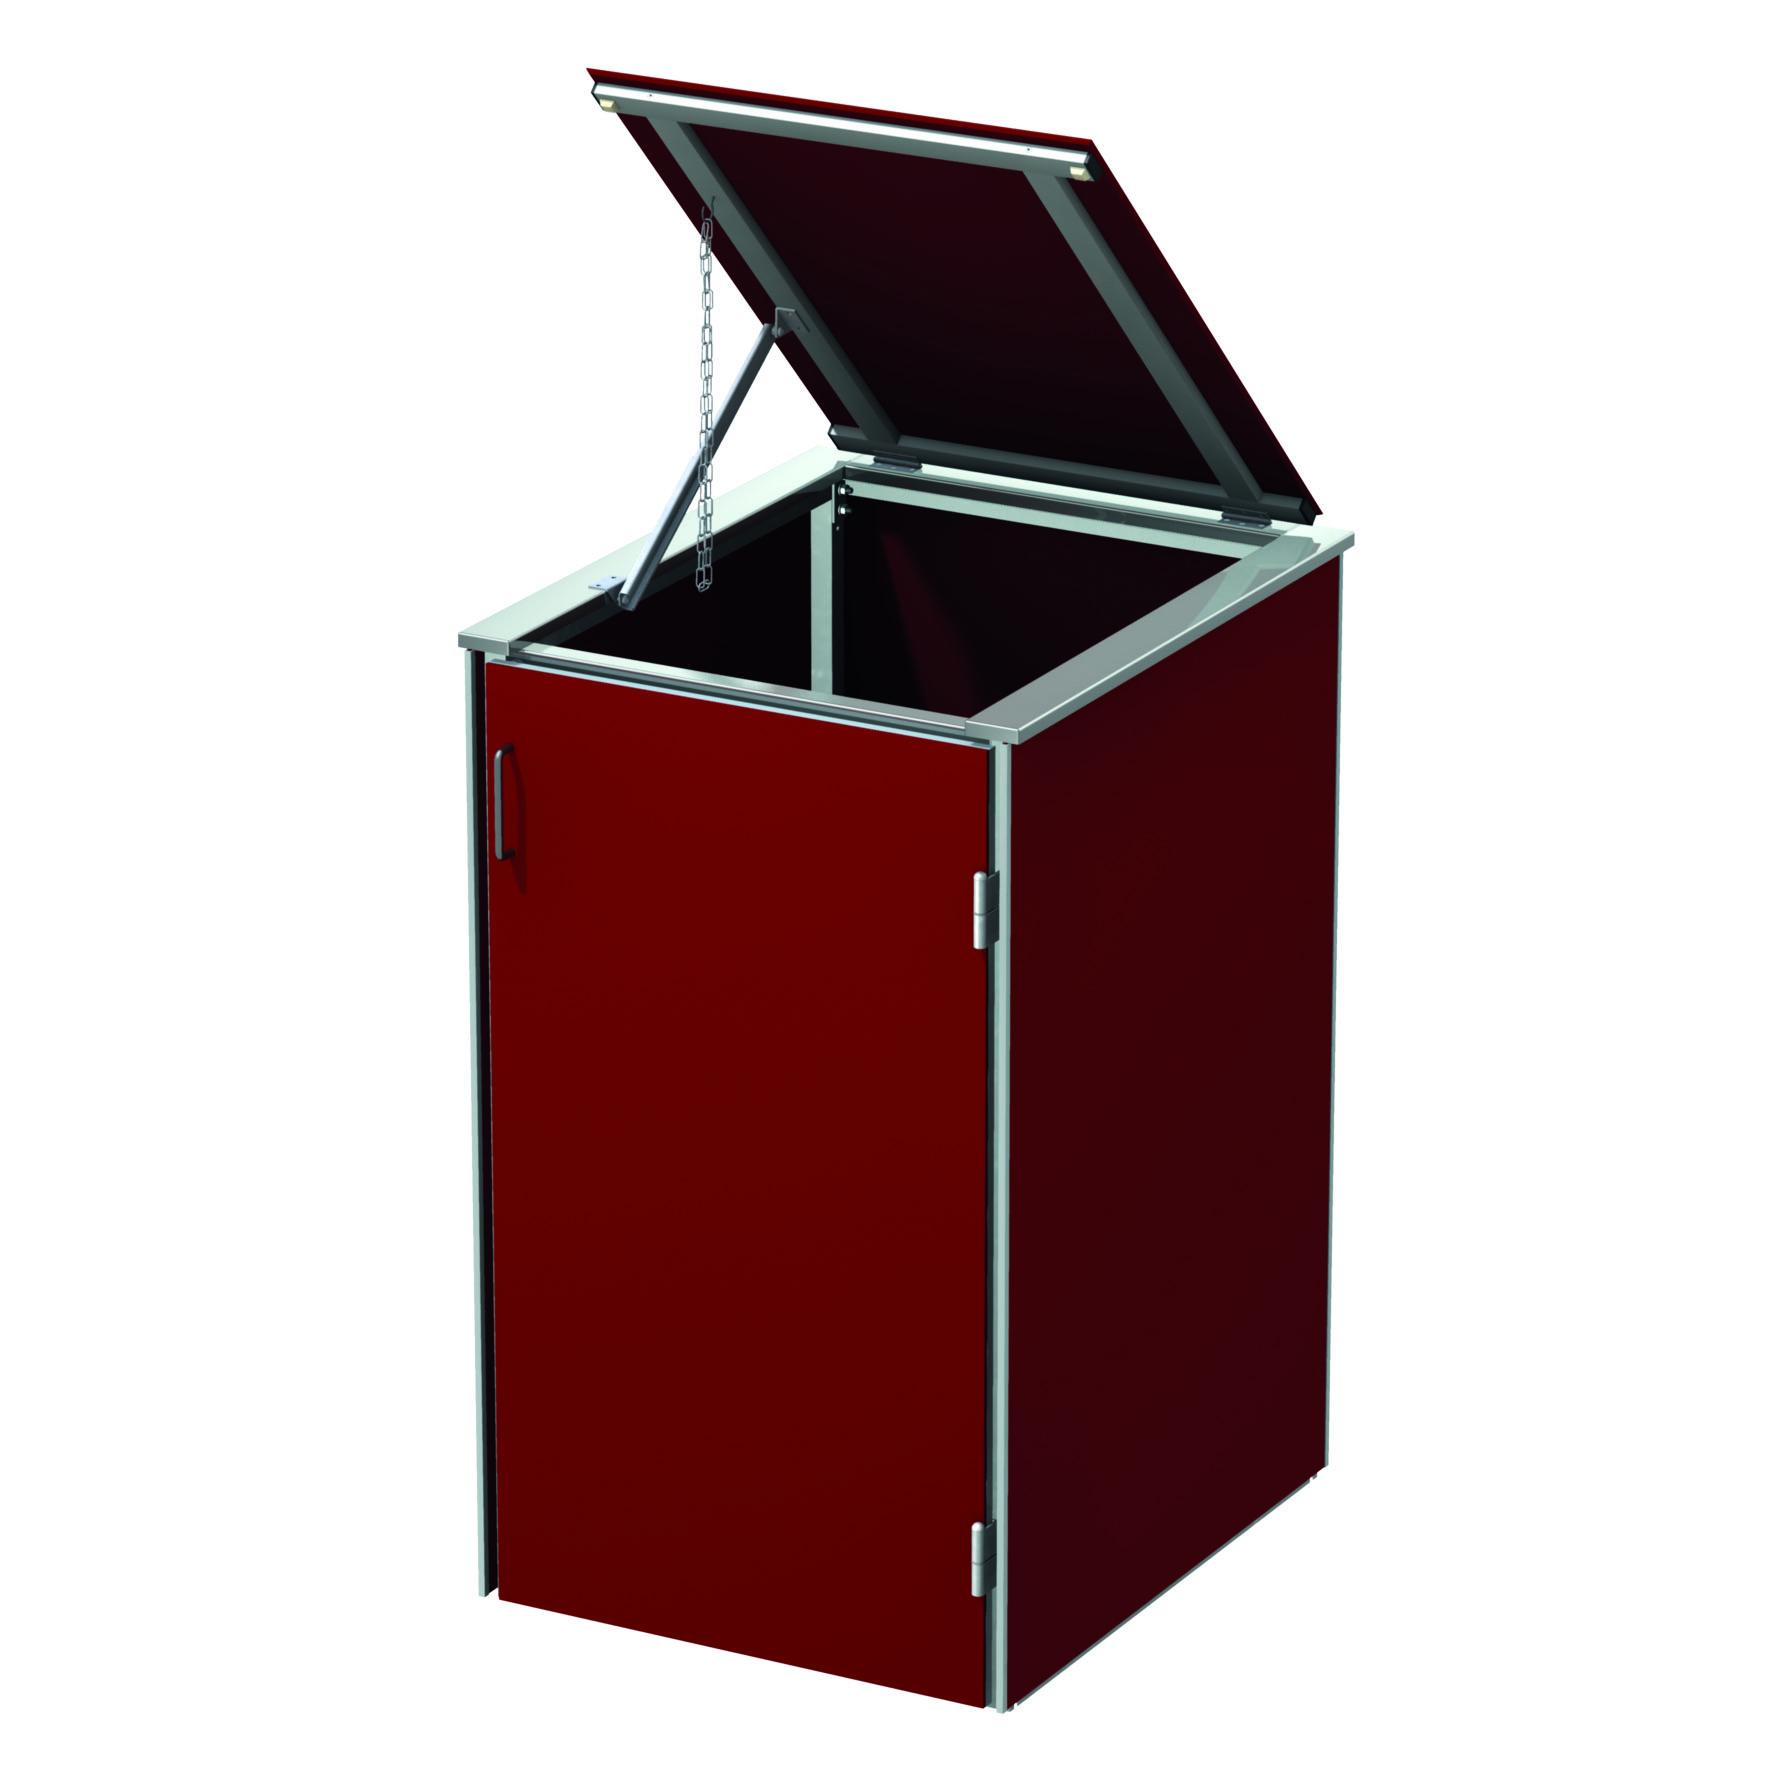 BINTO HPL rot Variante/Set 1 er Box, HPL-Deckel